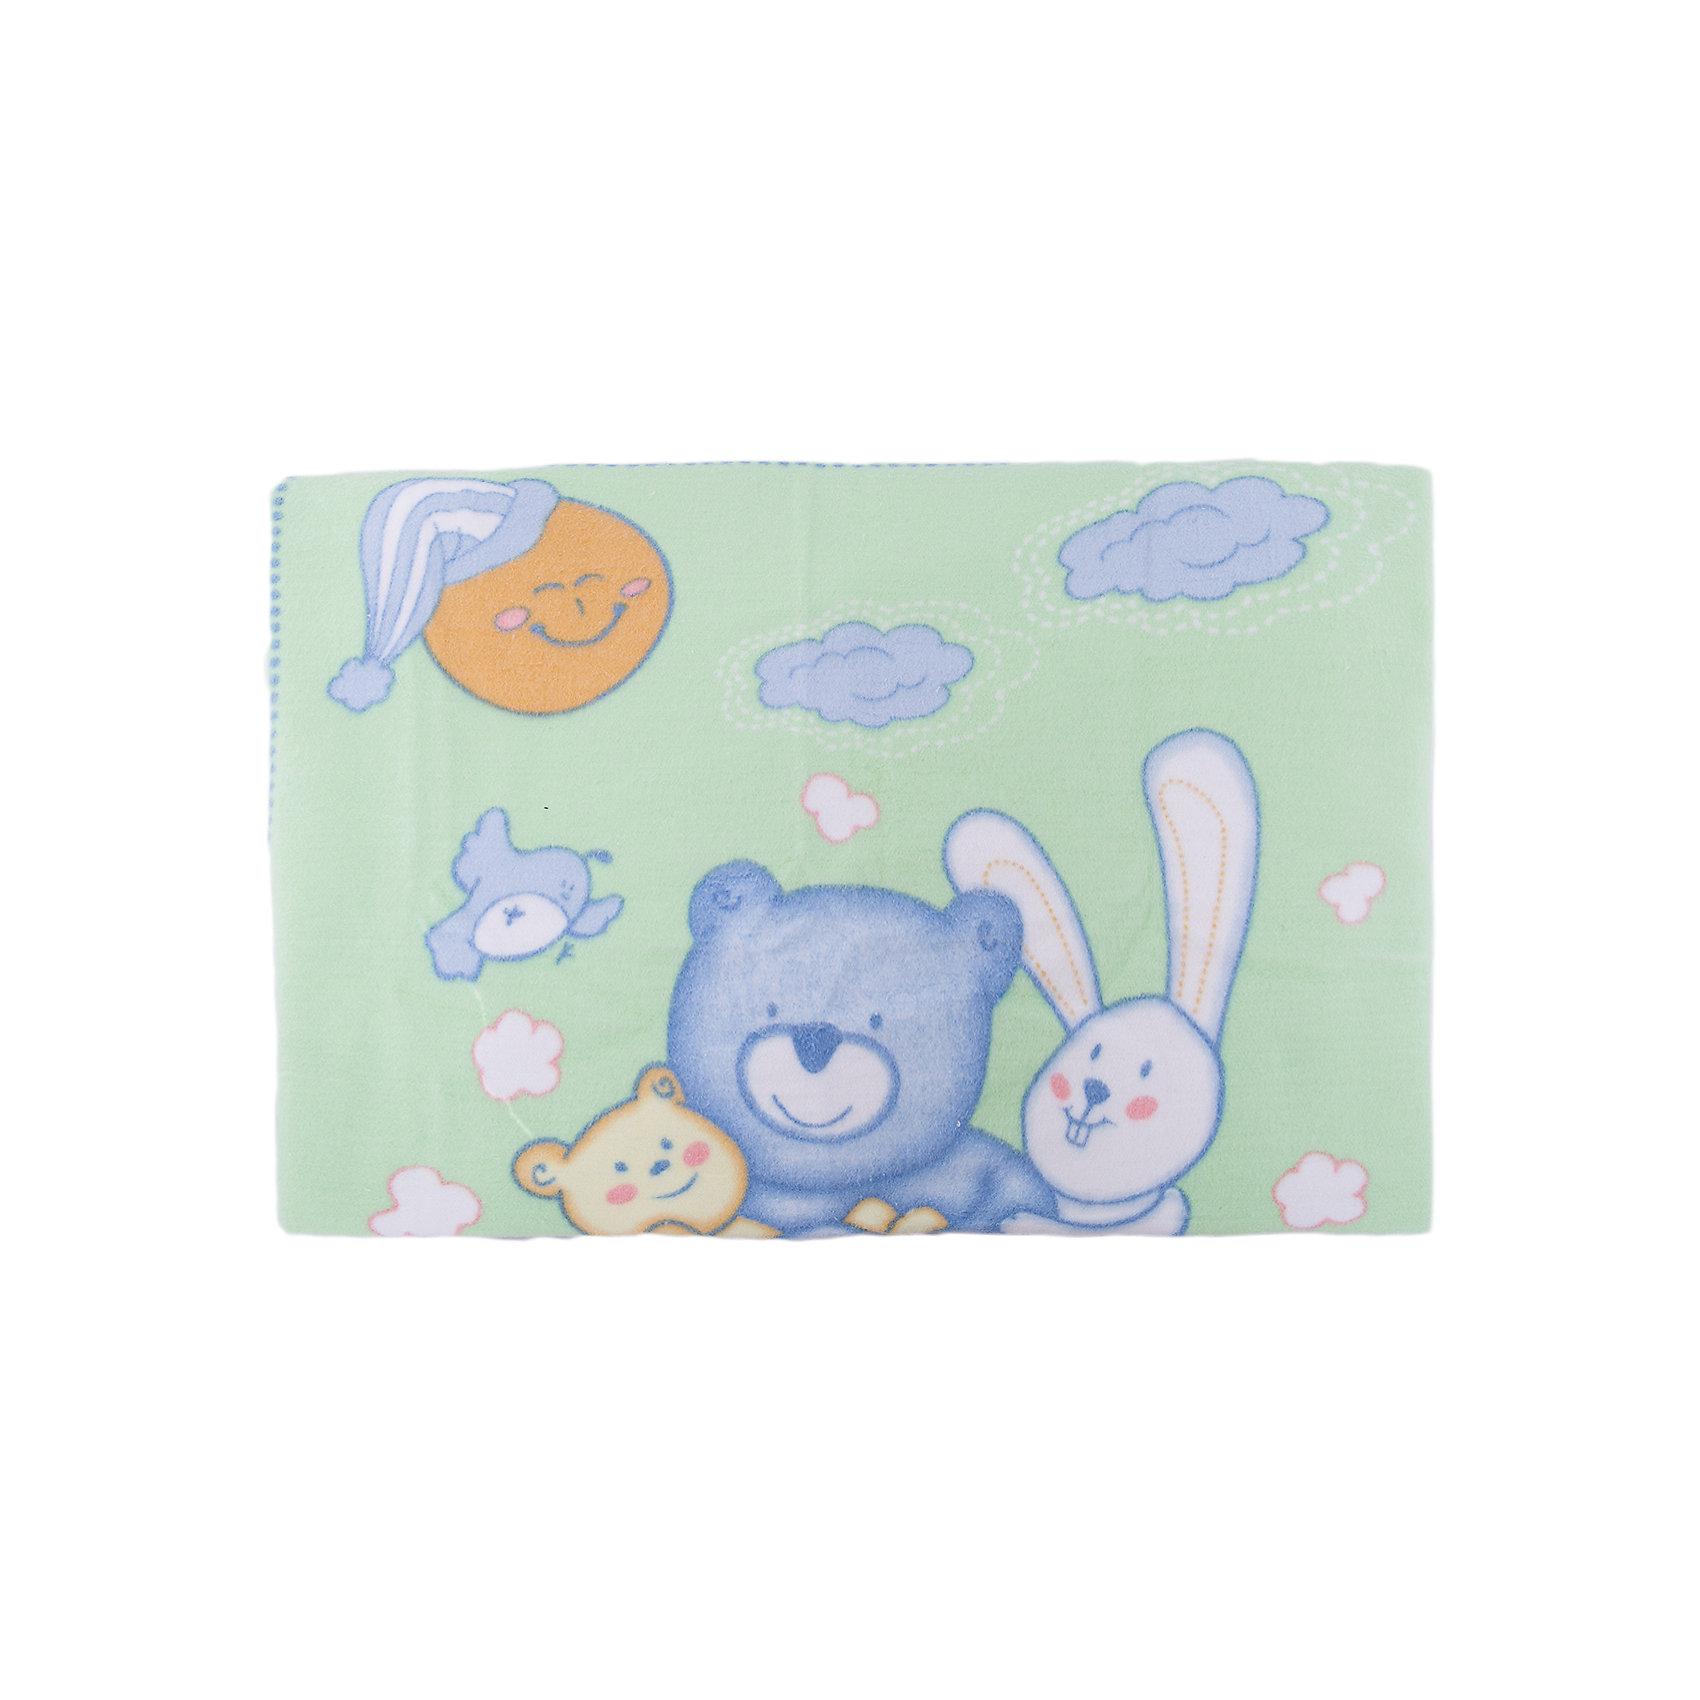 Одеяло байковое Мишка на лужайке, 100х118 2-сторон., Baby Nice, бежевыйОдеяла, пледы<br>Предметы, находящиеся в детской кроватке, должны быть качественными и безопасными. Это одеяло разработано специально для малышей, оно обеспечивает комфорт на всю ночь. Одеяло украшено симпатичным принтом.<br>Одеяло сшито из натурального дышащего хлопка, приятного на ощупь. Он не вызывает аллергии, что особенно важно для малышей. Оно обеспечит хорошую терморегуляцию, впитает лишнюю влагу, а значит - крепкий сон. Одеяло сделано из высококачественных материалов, безопасных для ребенка.<br><br>Дополнительная информация:<br><br>цвет: бежевый;<br>материал: хлопок;<br>принт;<br>двустороннее;<br>размер: 100 х 118 см.<br><br>Одеяло байковое Мишка на лужайке, 100х118 2-сторон. от компании Baby Nice можно купить в нашем магазине.<br><br>Ширина мм: 230<br>Глубина мм: 250<br>Высота мм: 40<br>Вес г: 500<br>Возраст от месяцев: 0<br>Возраст до месяцев: 36<br>Пол: Унисекс<br>Возраст: Детский<br>SKU: 4941758